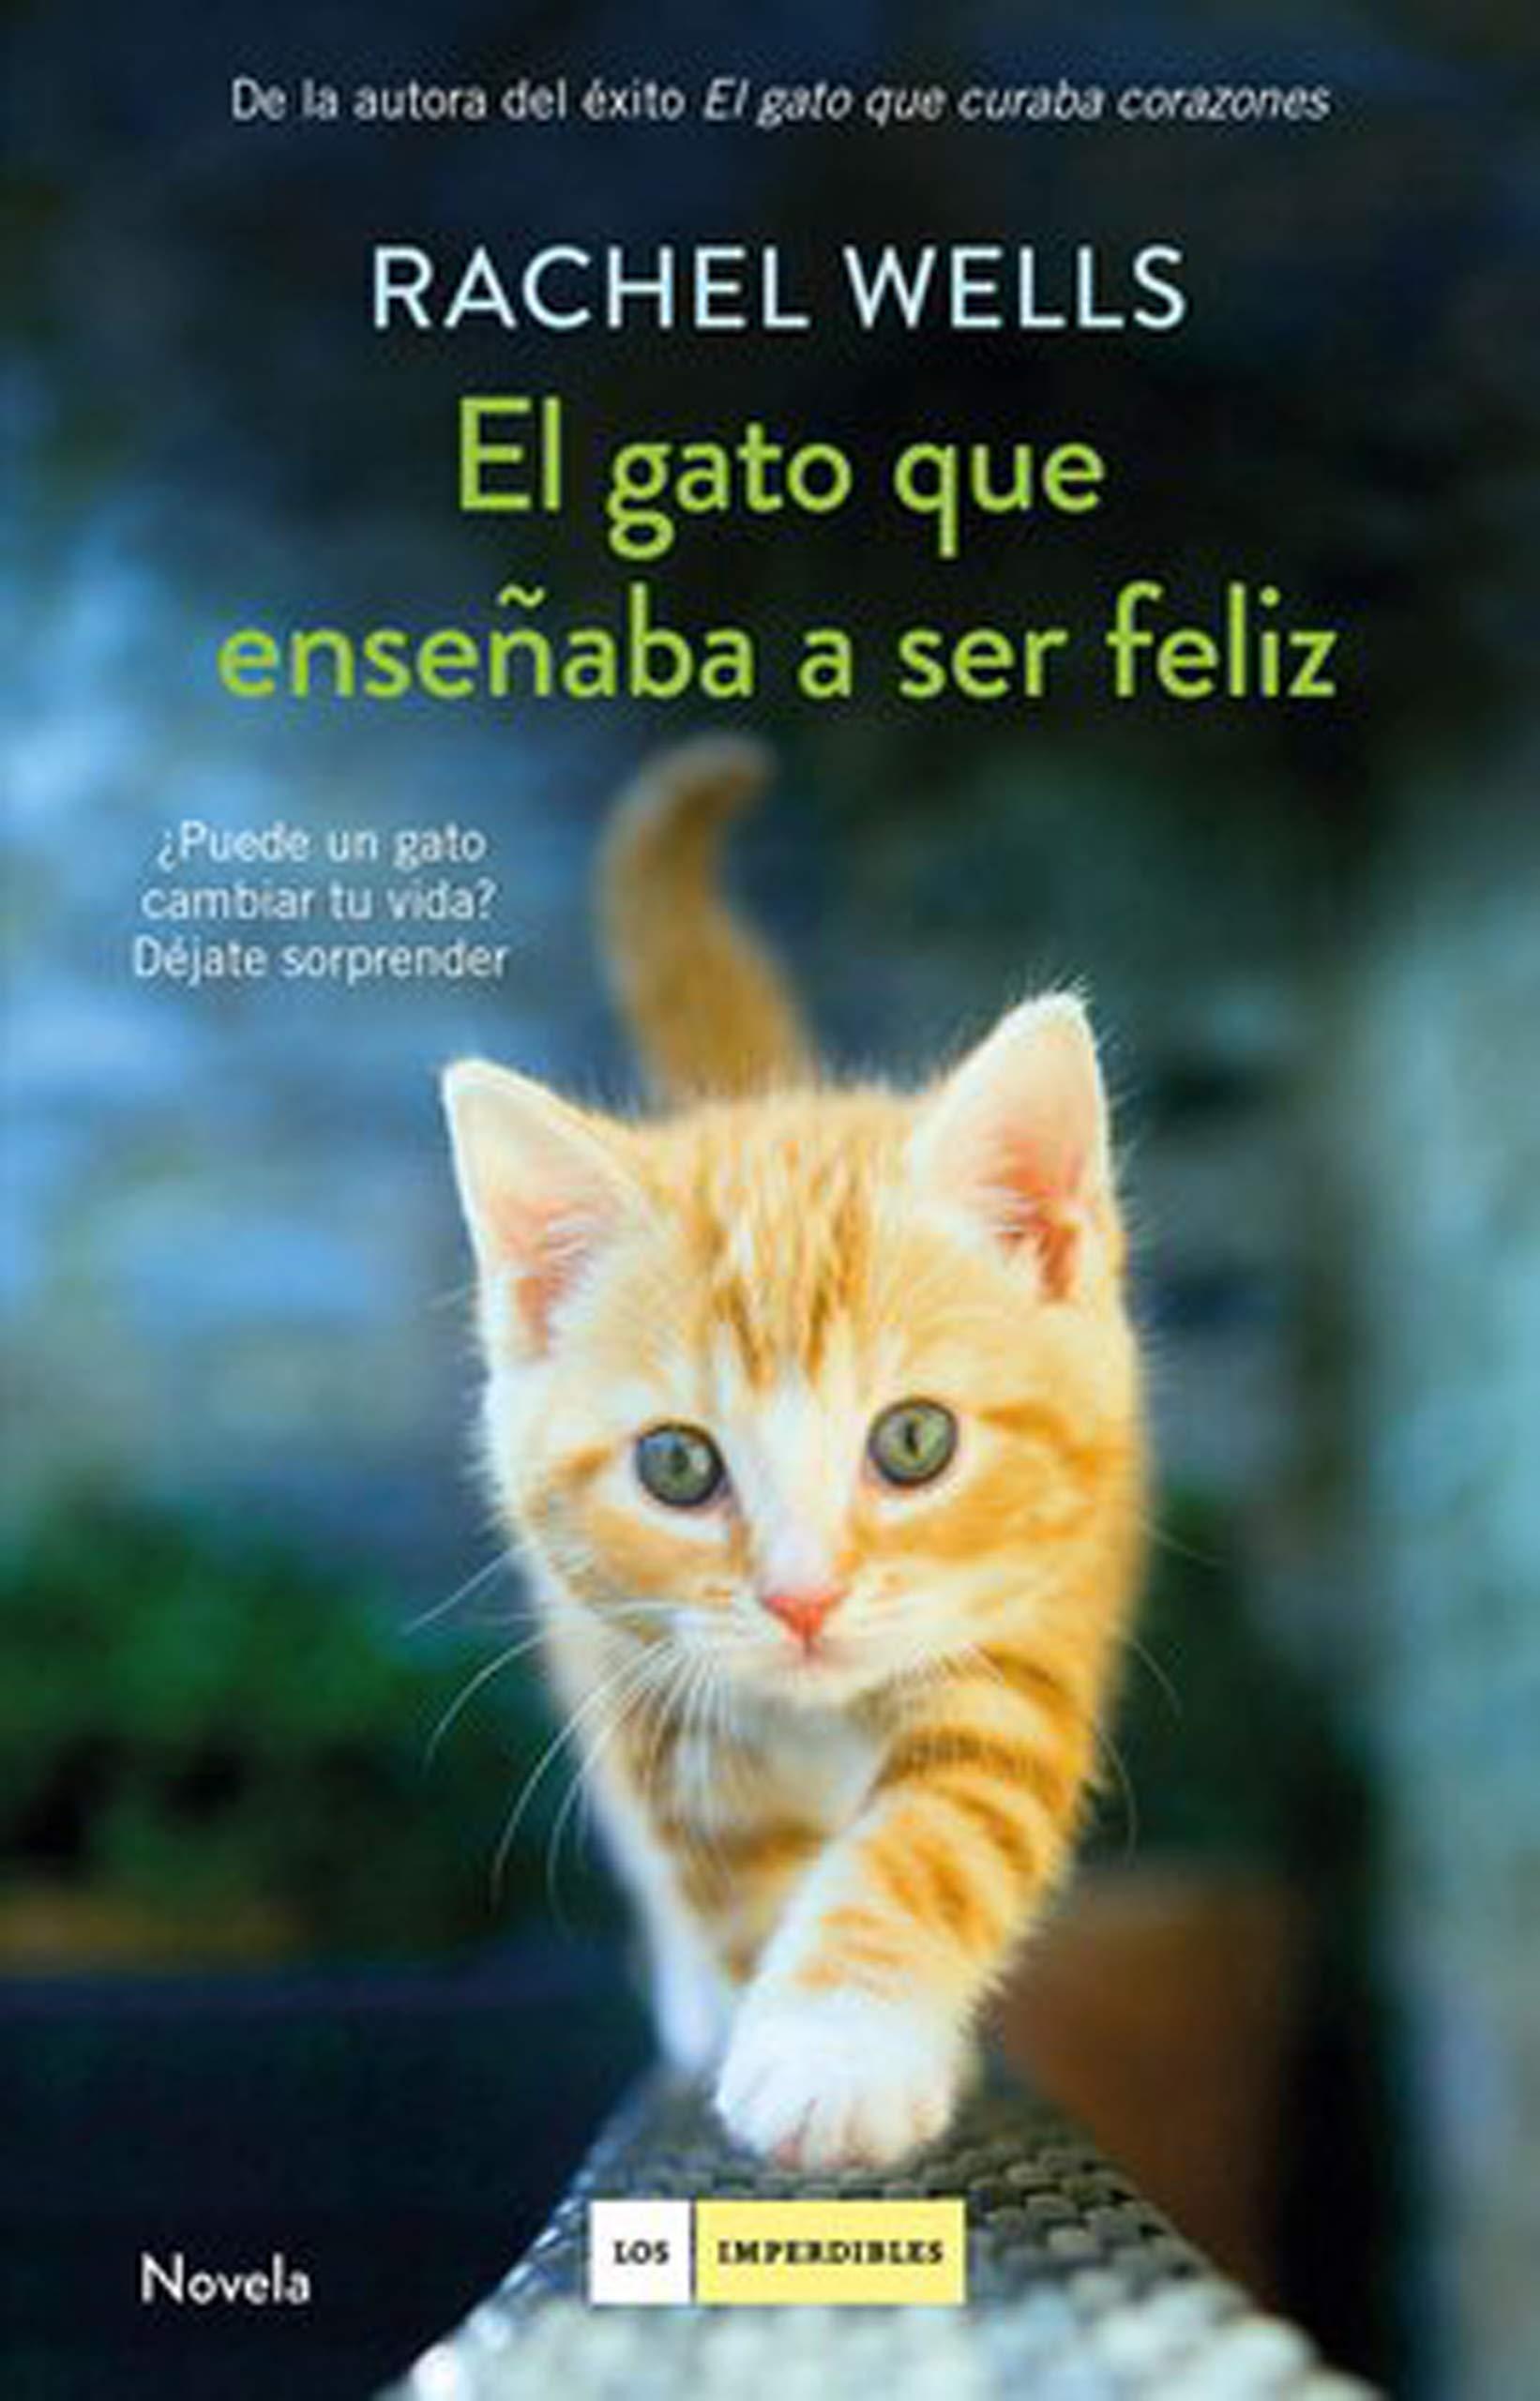 El gato que enseñaba a ser feliz (LOS IMPERDIBLES): Amazon.es: Wells, Rachel, Triviño, Montse: Libros